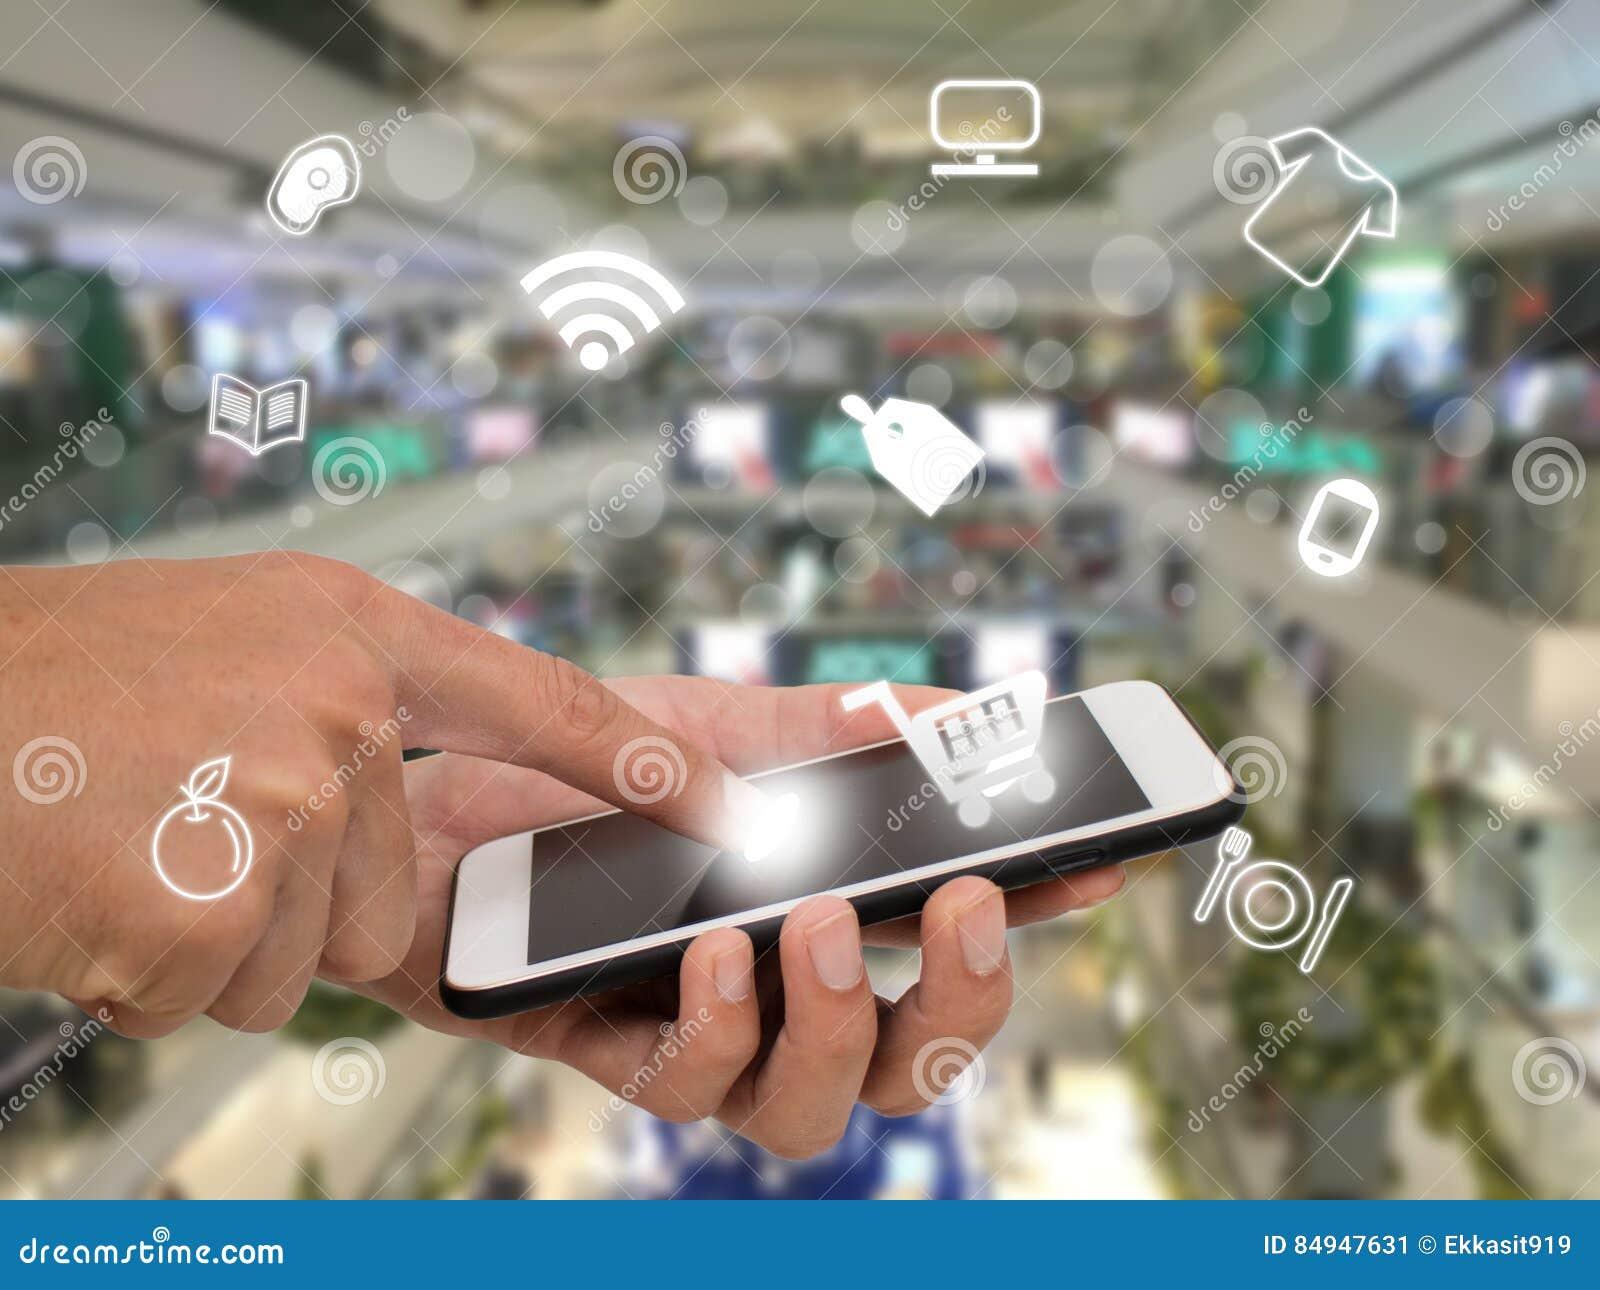 Internet de las cosas que comercializan los conceptos, uso del uso del cliente para buscar, comprar, paga el producto en la venta